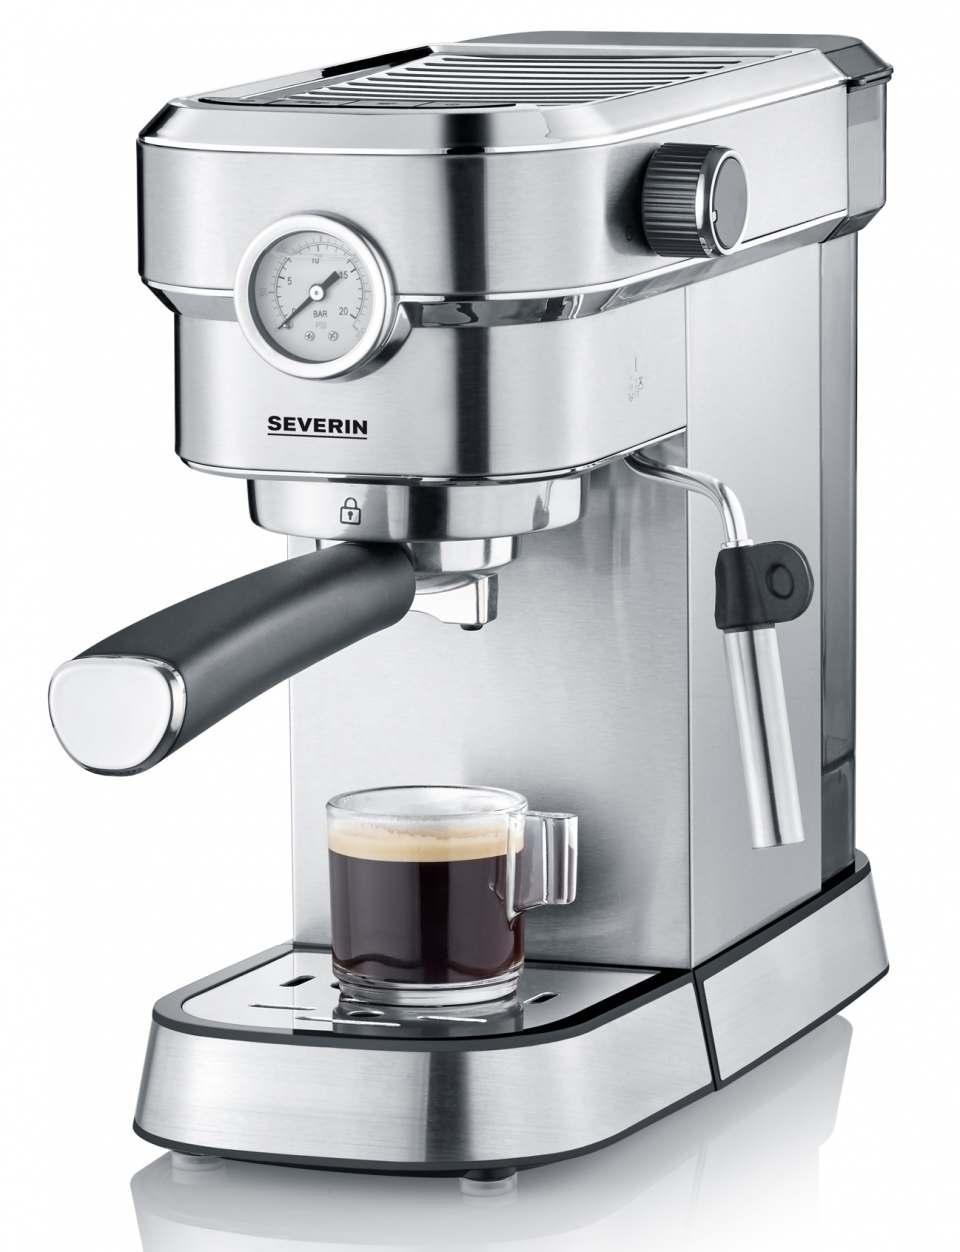 Severin Espressomaschine Espresa Plus mit 3 Temperatureinstellungen.